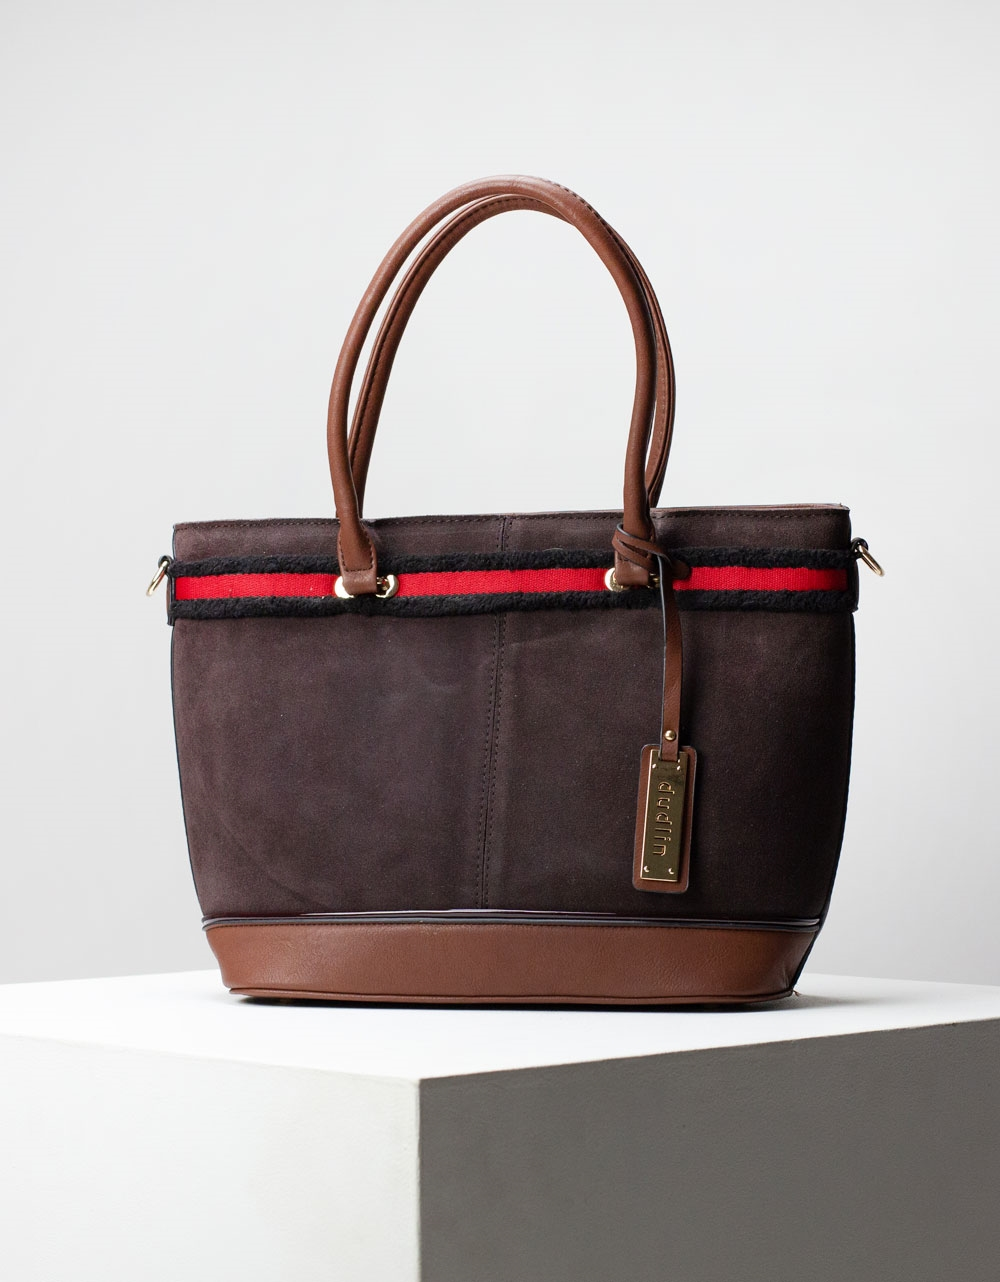 Εικόνα από Γυναικεία τσάντα ώμου & χιαστί με velvet υλικό Καφέ